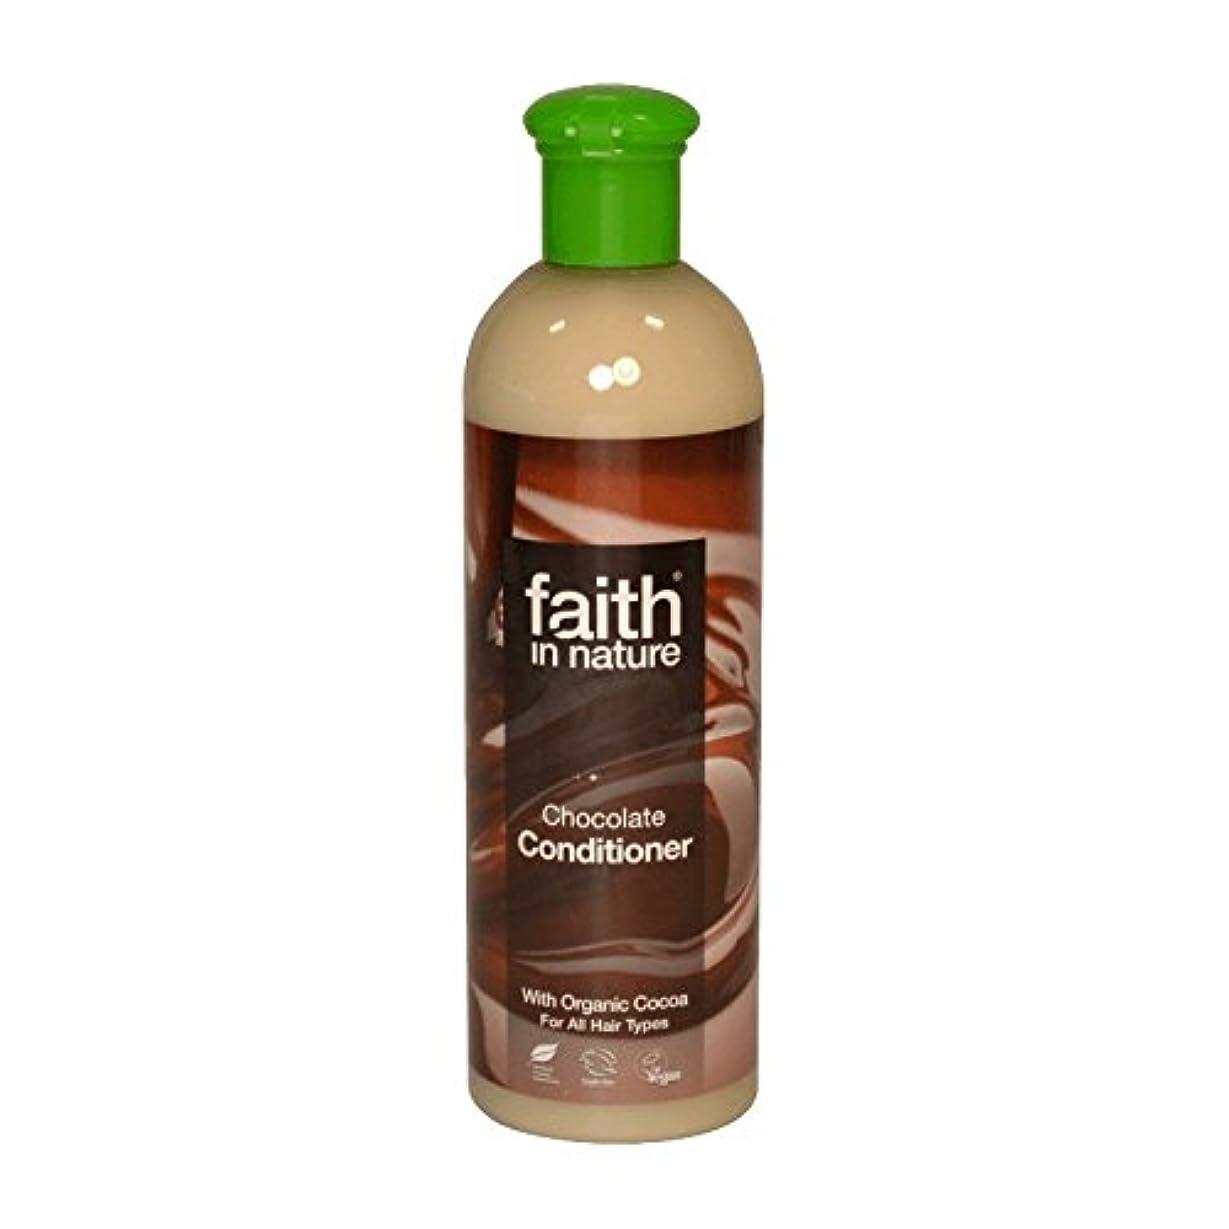 密接に命題旋律的Faith In Nature Chocolate Conditioner 400ml (Pack of 2) - 自然チョコレートコンディショナー400ミリリットルの信仰 (x2) [並行輸入品]